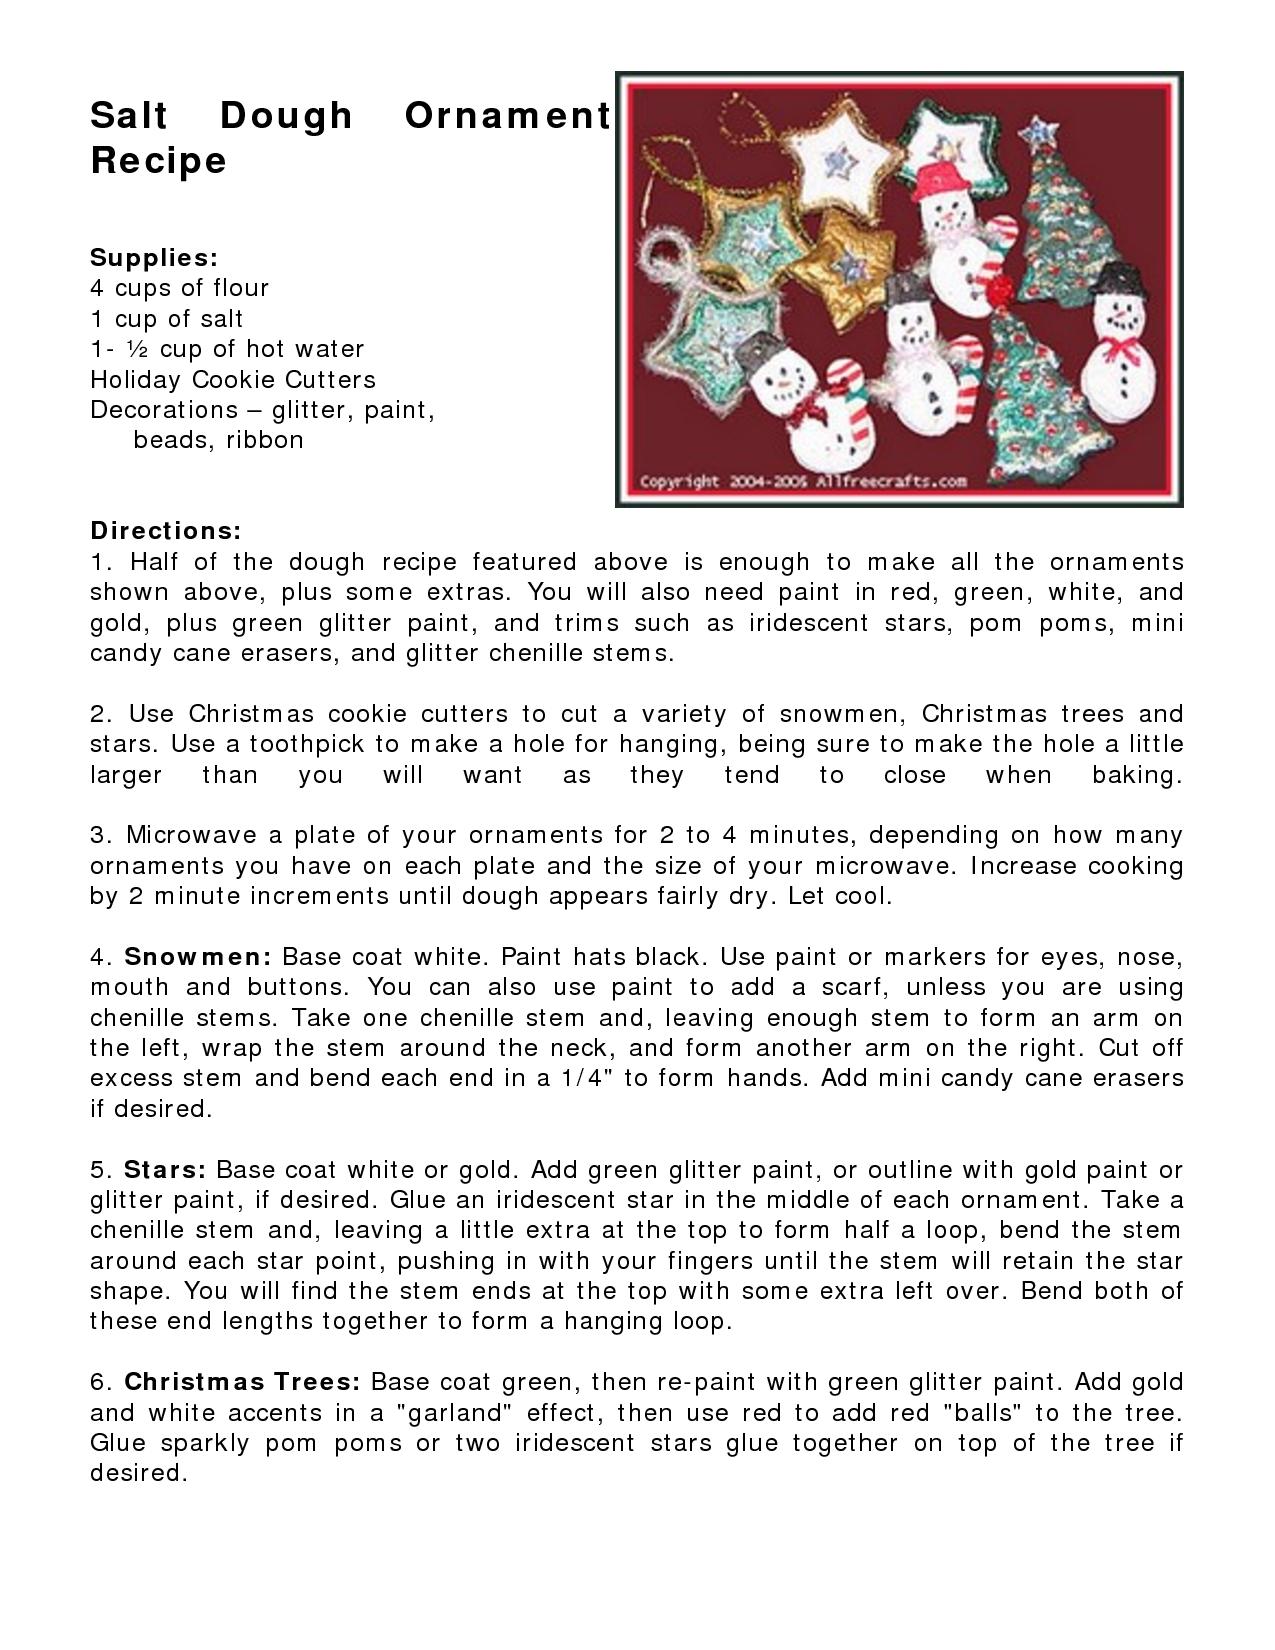 Salt Dough Ornament Recipe Food Ornaments Dough Ornaments Salt Dough Ornaments